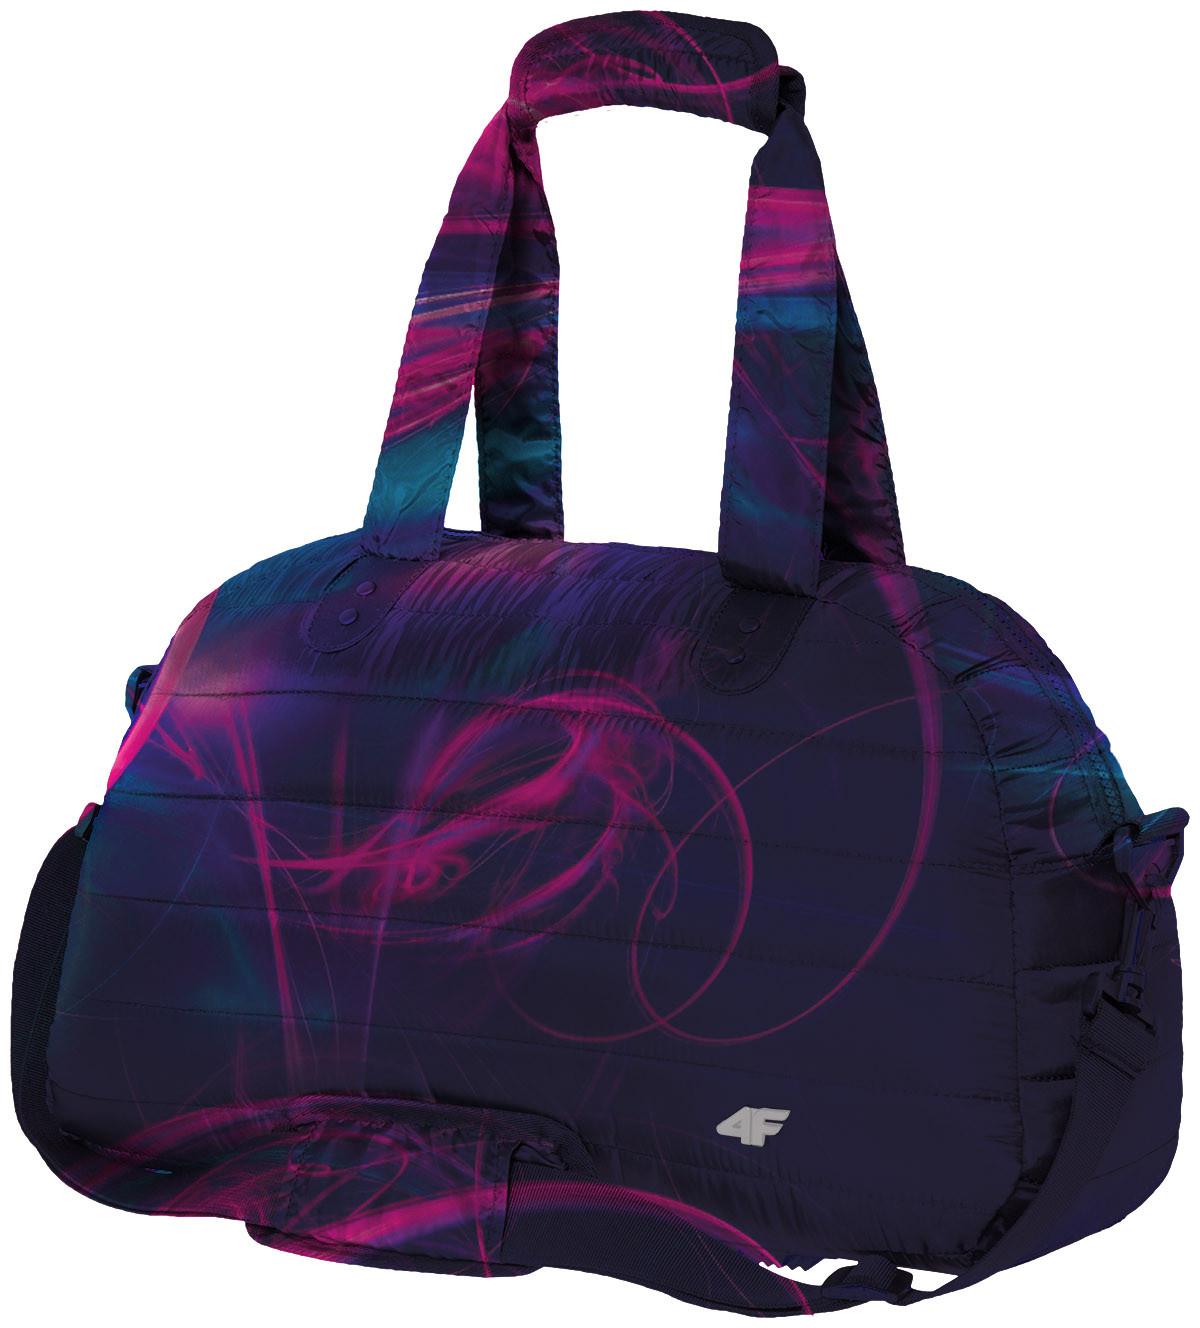 Women's sports bag 4F H4L19-TPU004A